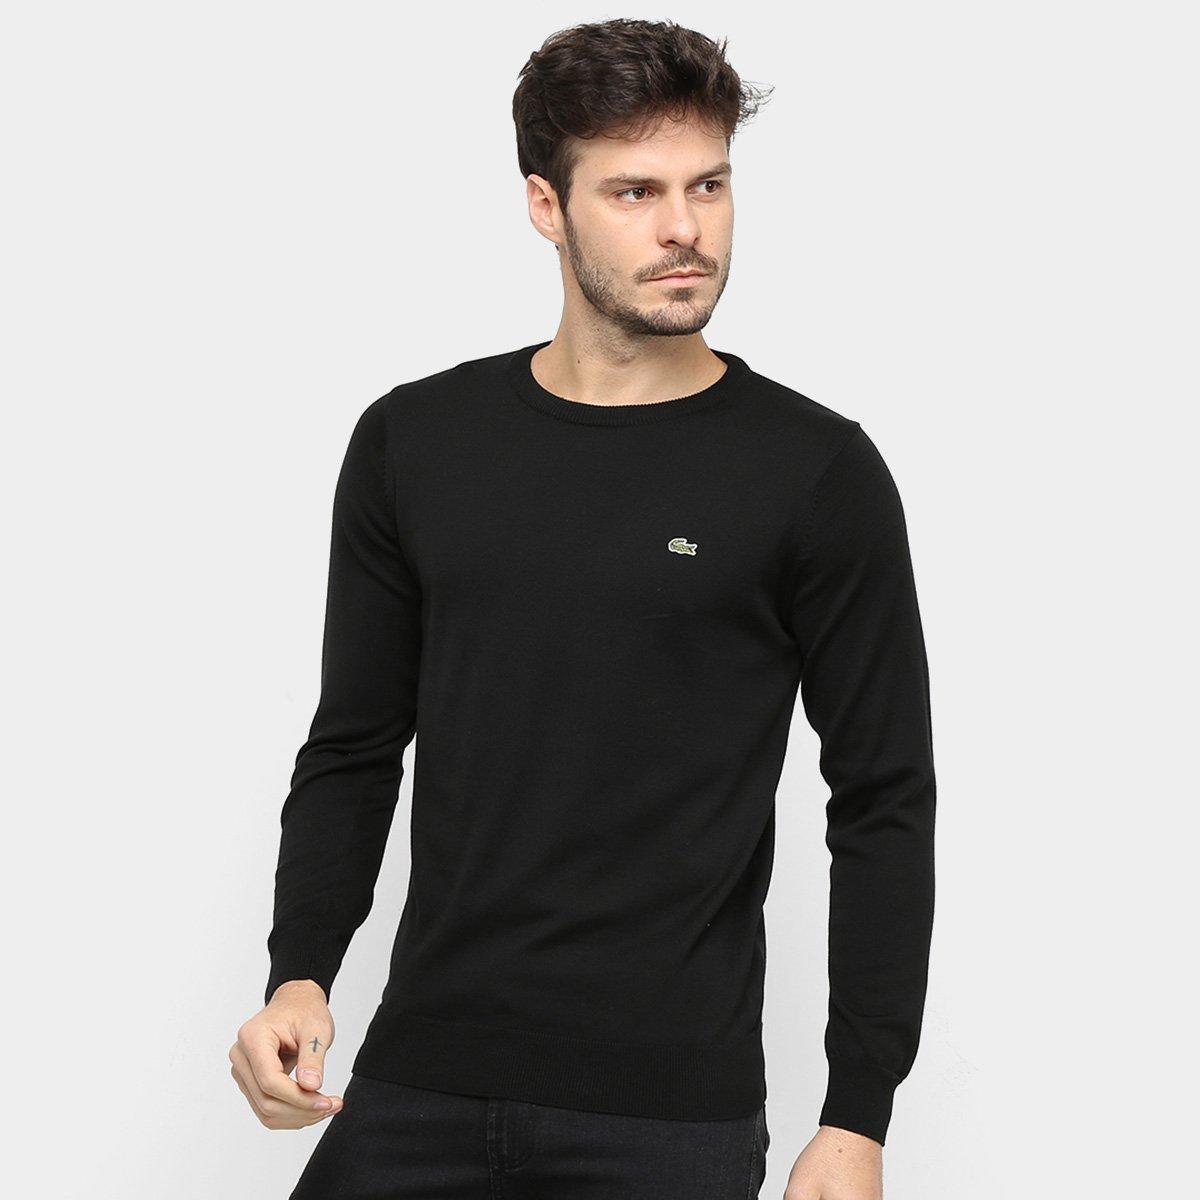 Suéter Tricot Lacoste Manga Longa Masculina